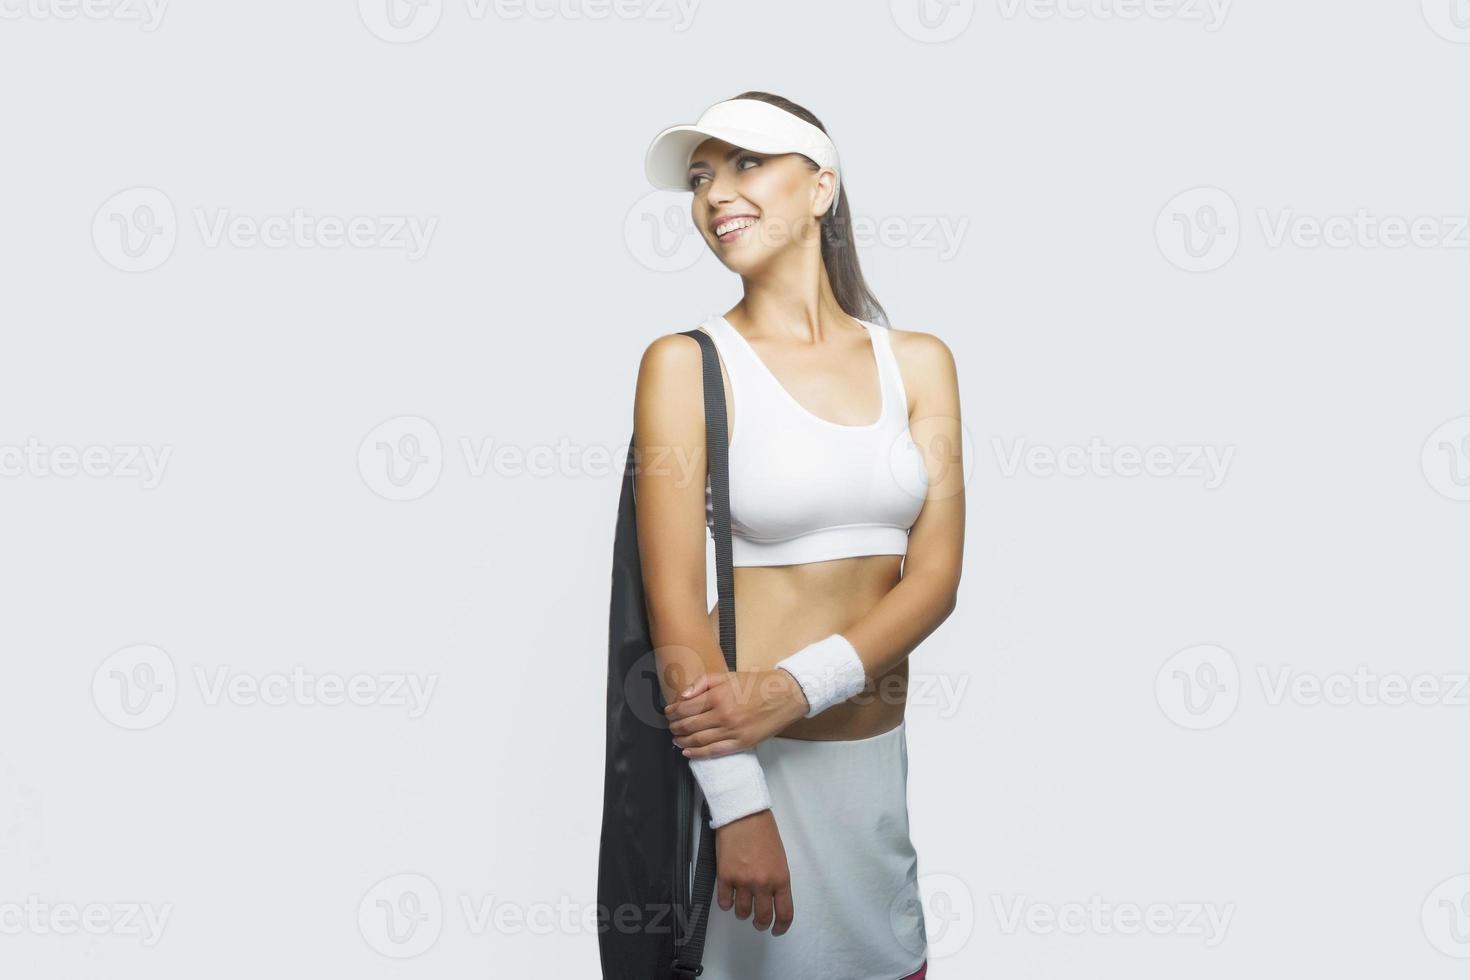 deportista caucásica con bolsa de tenis en el hombro foto